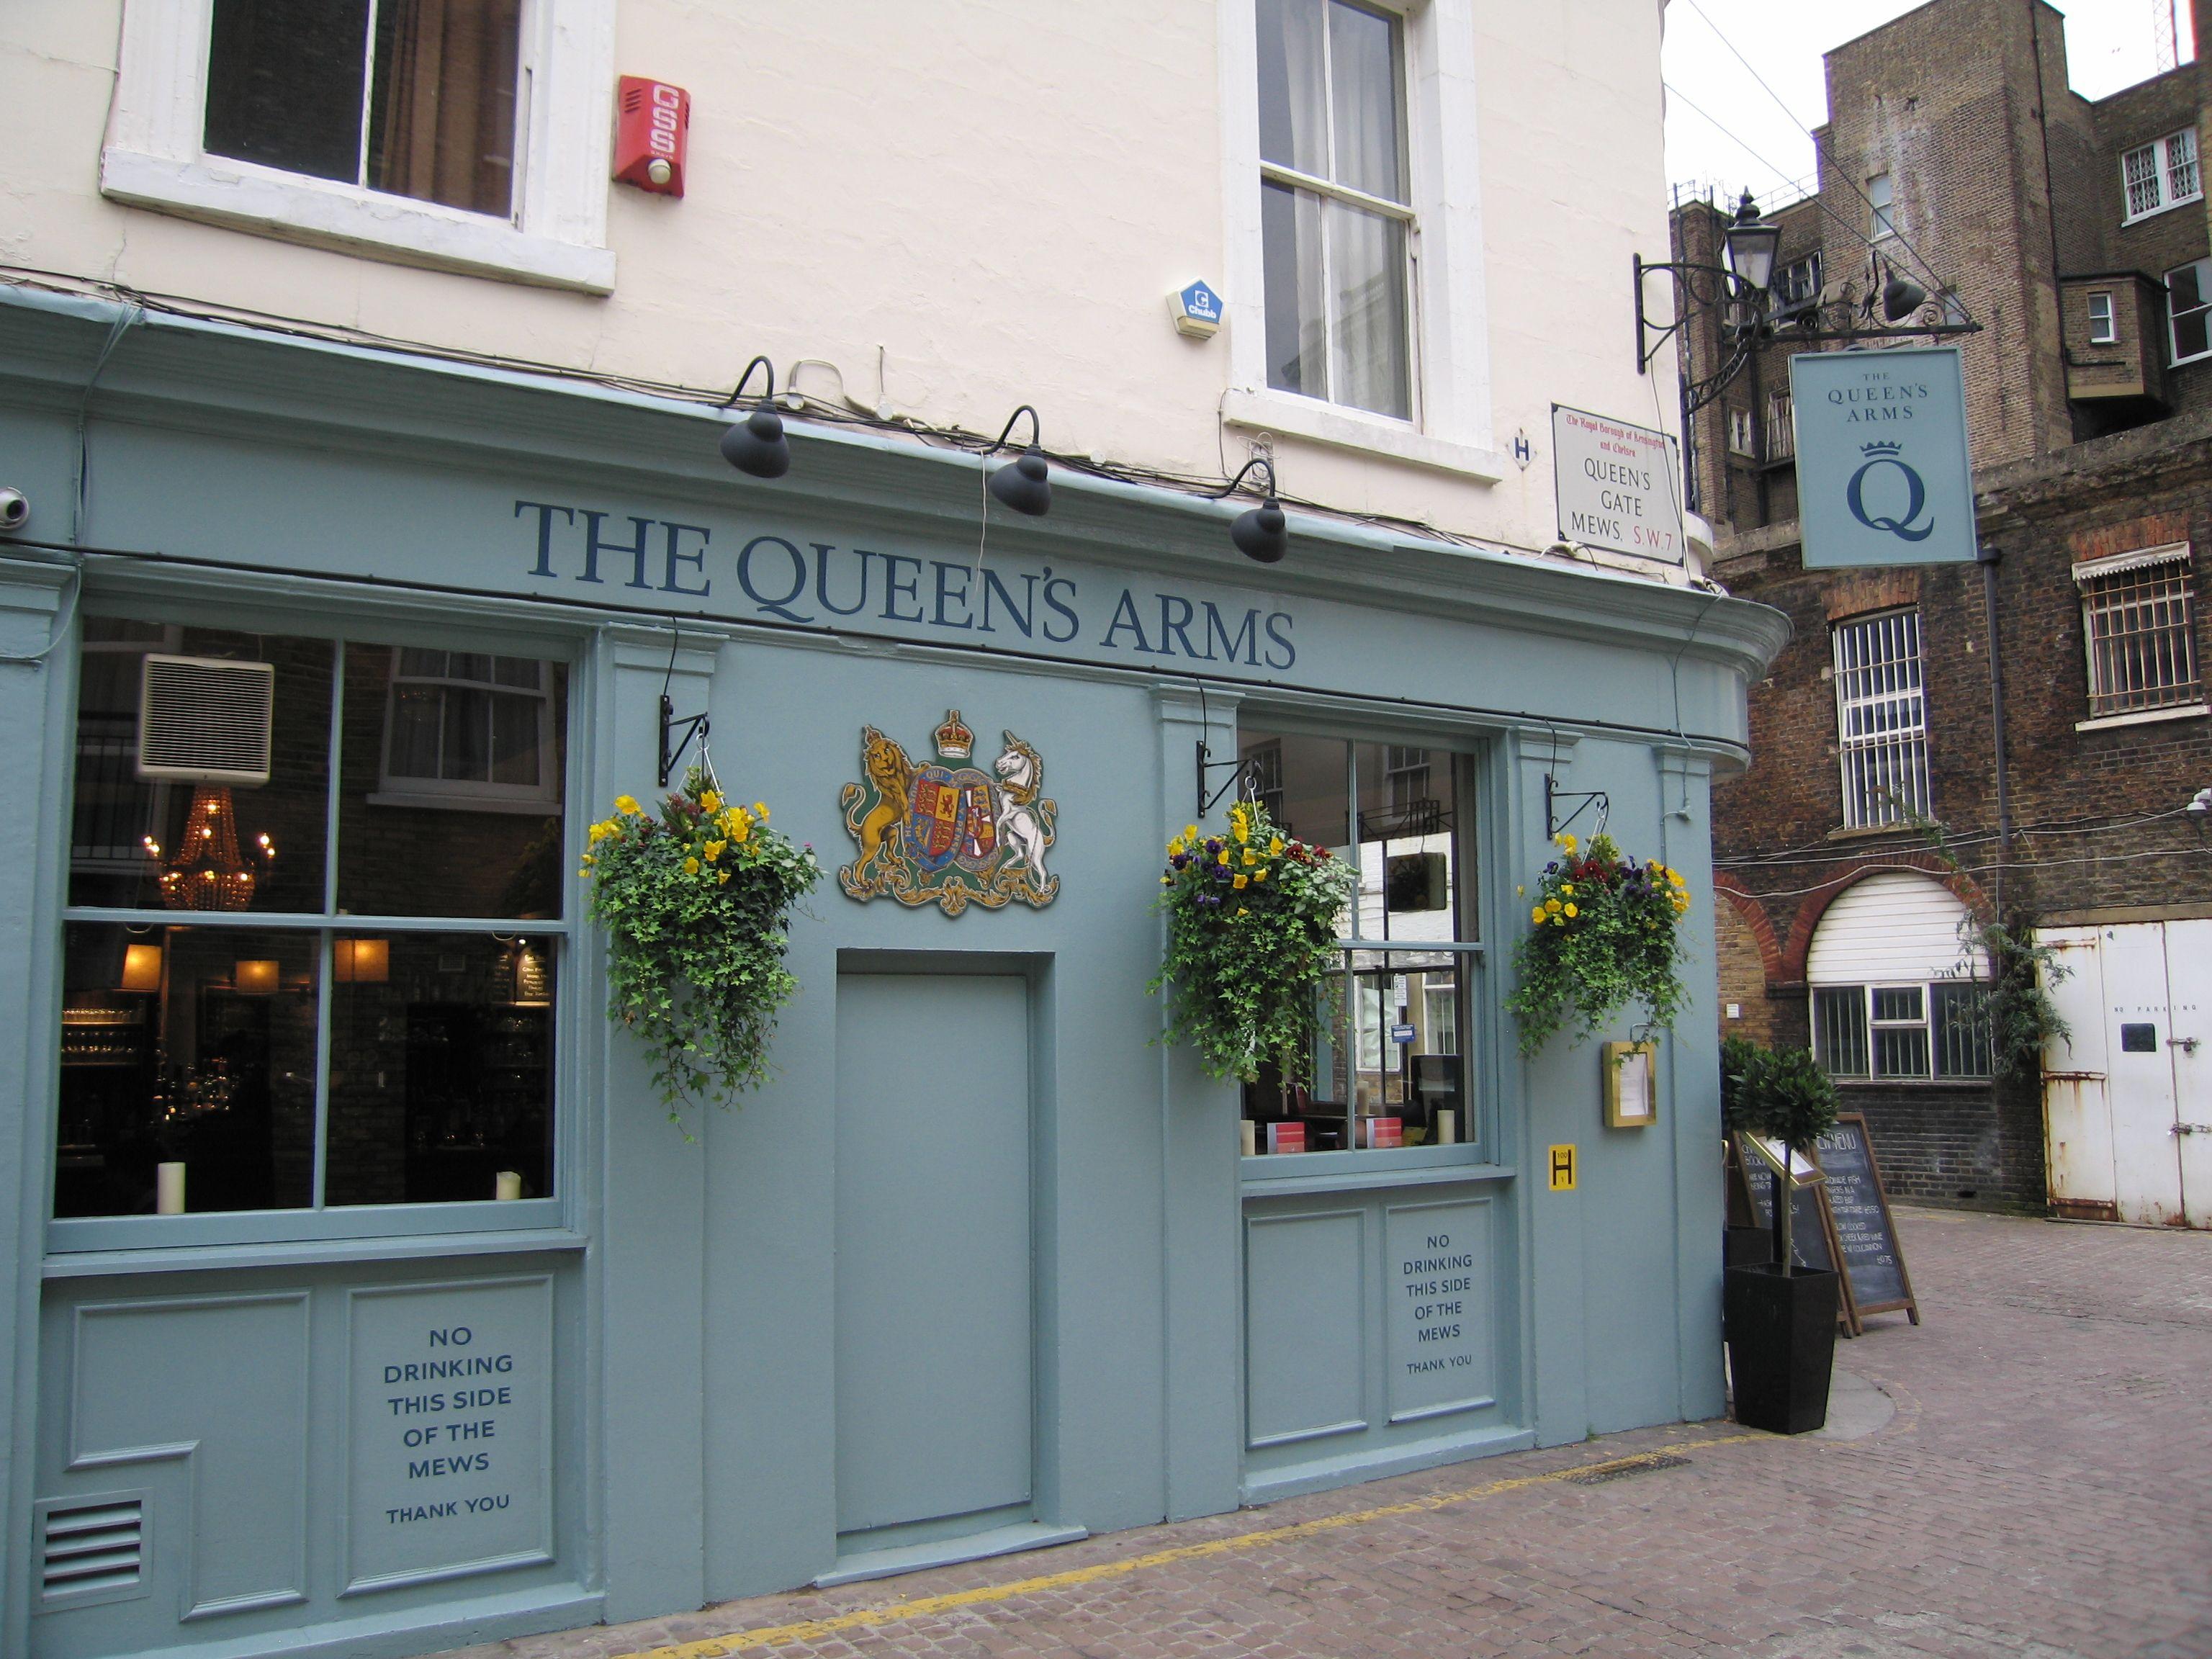 Queen's Arms pub / South Kensington, London